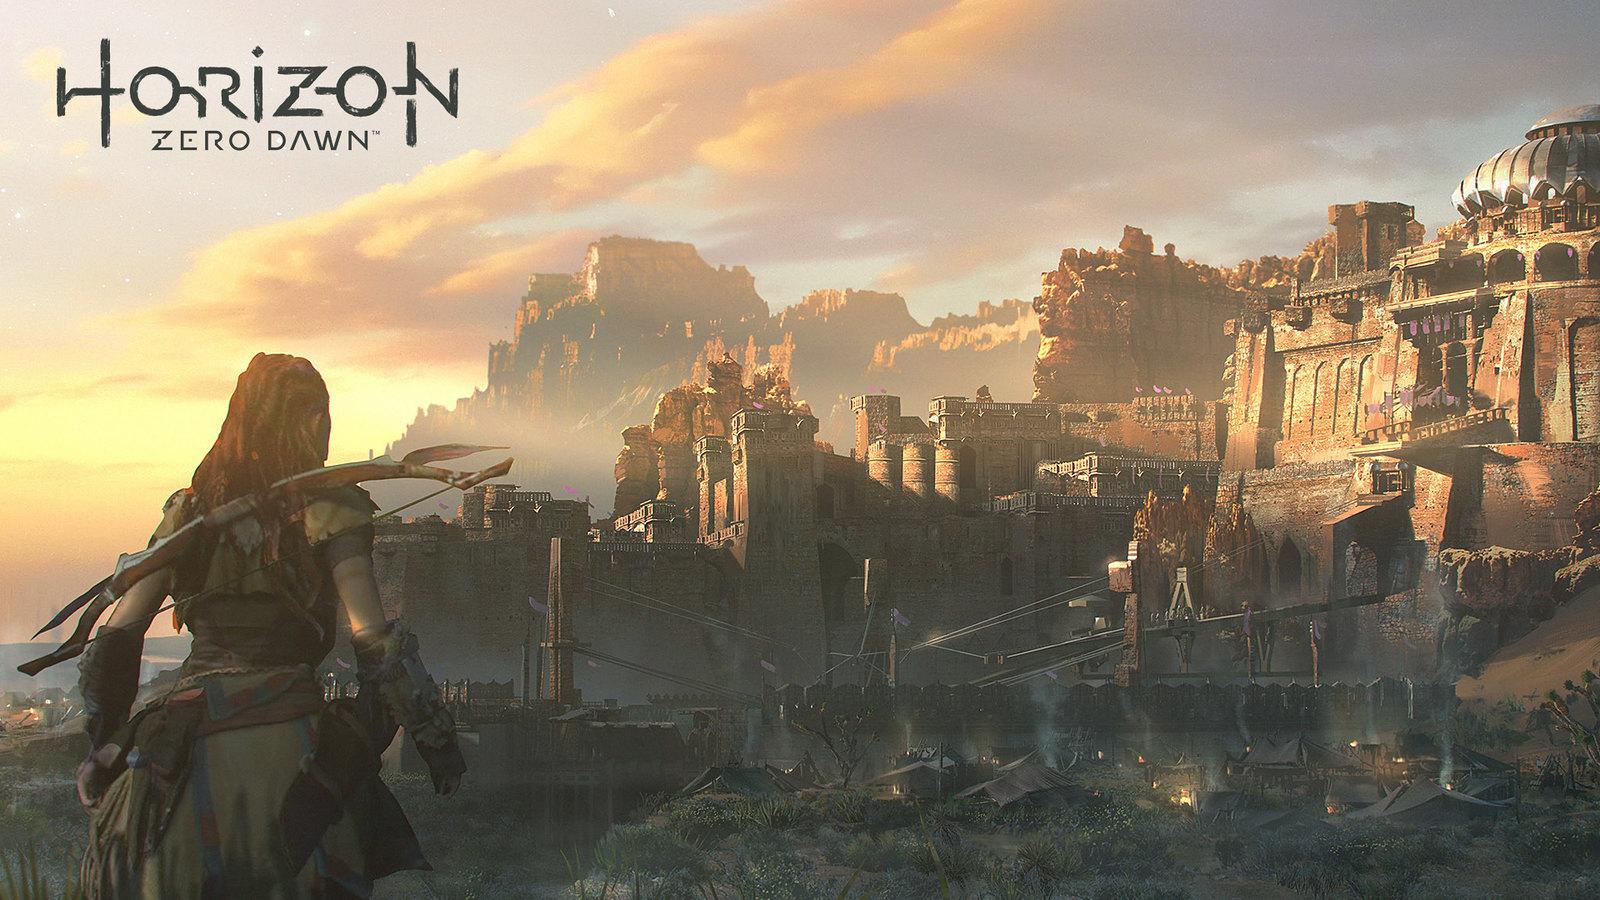 [Horizon Zero Dawn] How to Win Blazing Sun #2 (Valleymeet Hunting Ground)